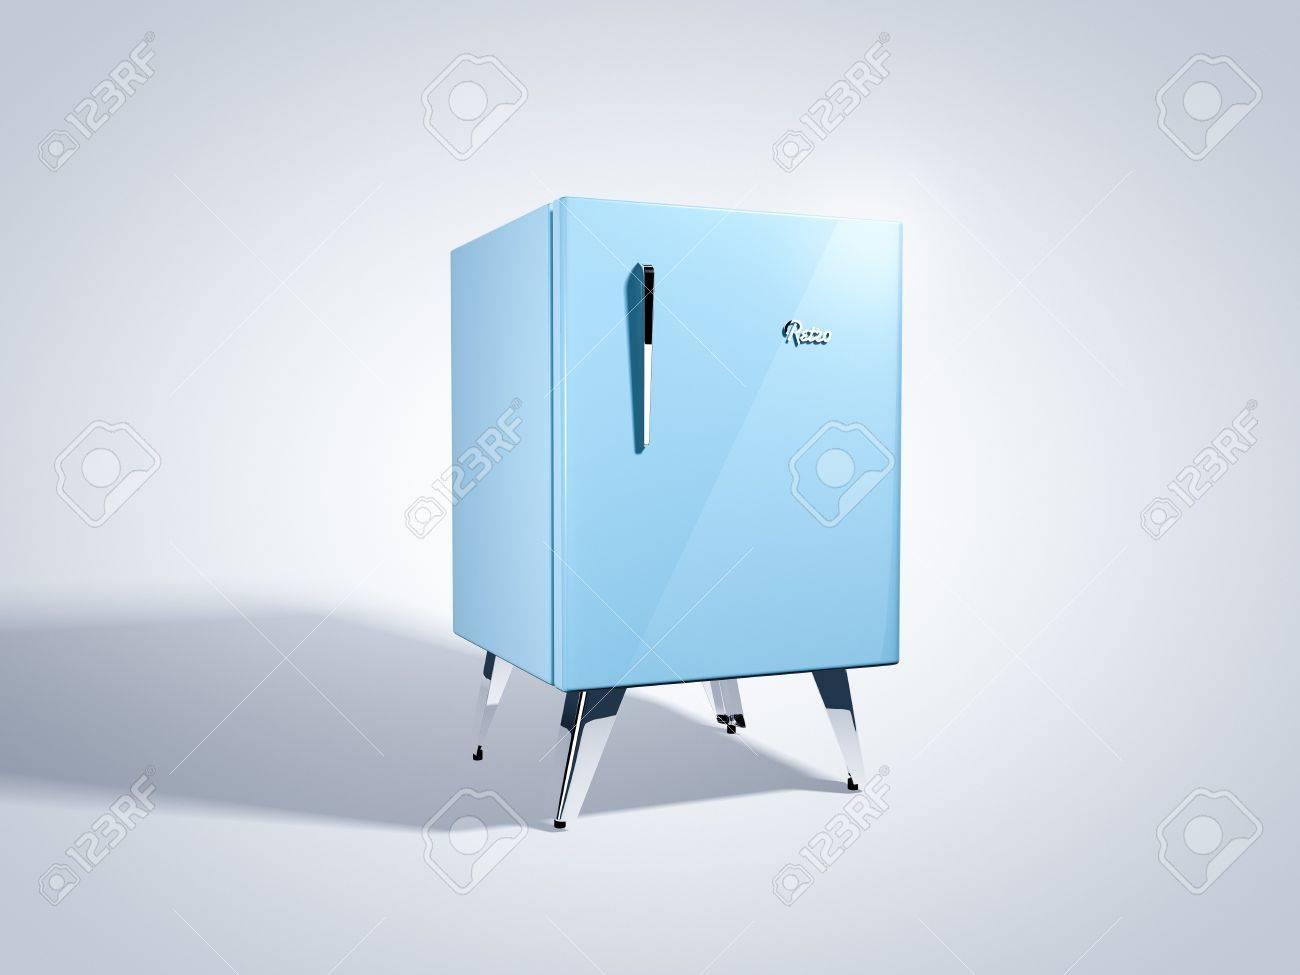 Amica Kühlschrank Retro Türkis : Kühlschrank retro blau retro kühlschränke liegen voll im trend